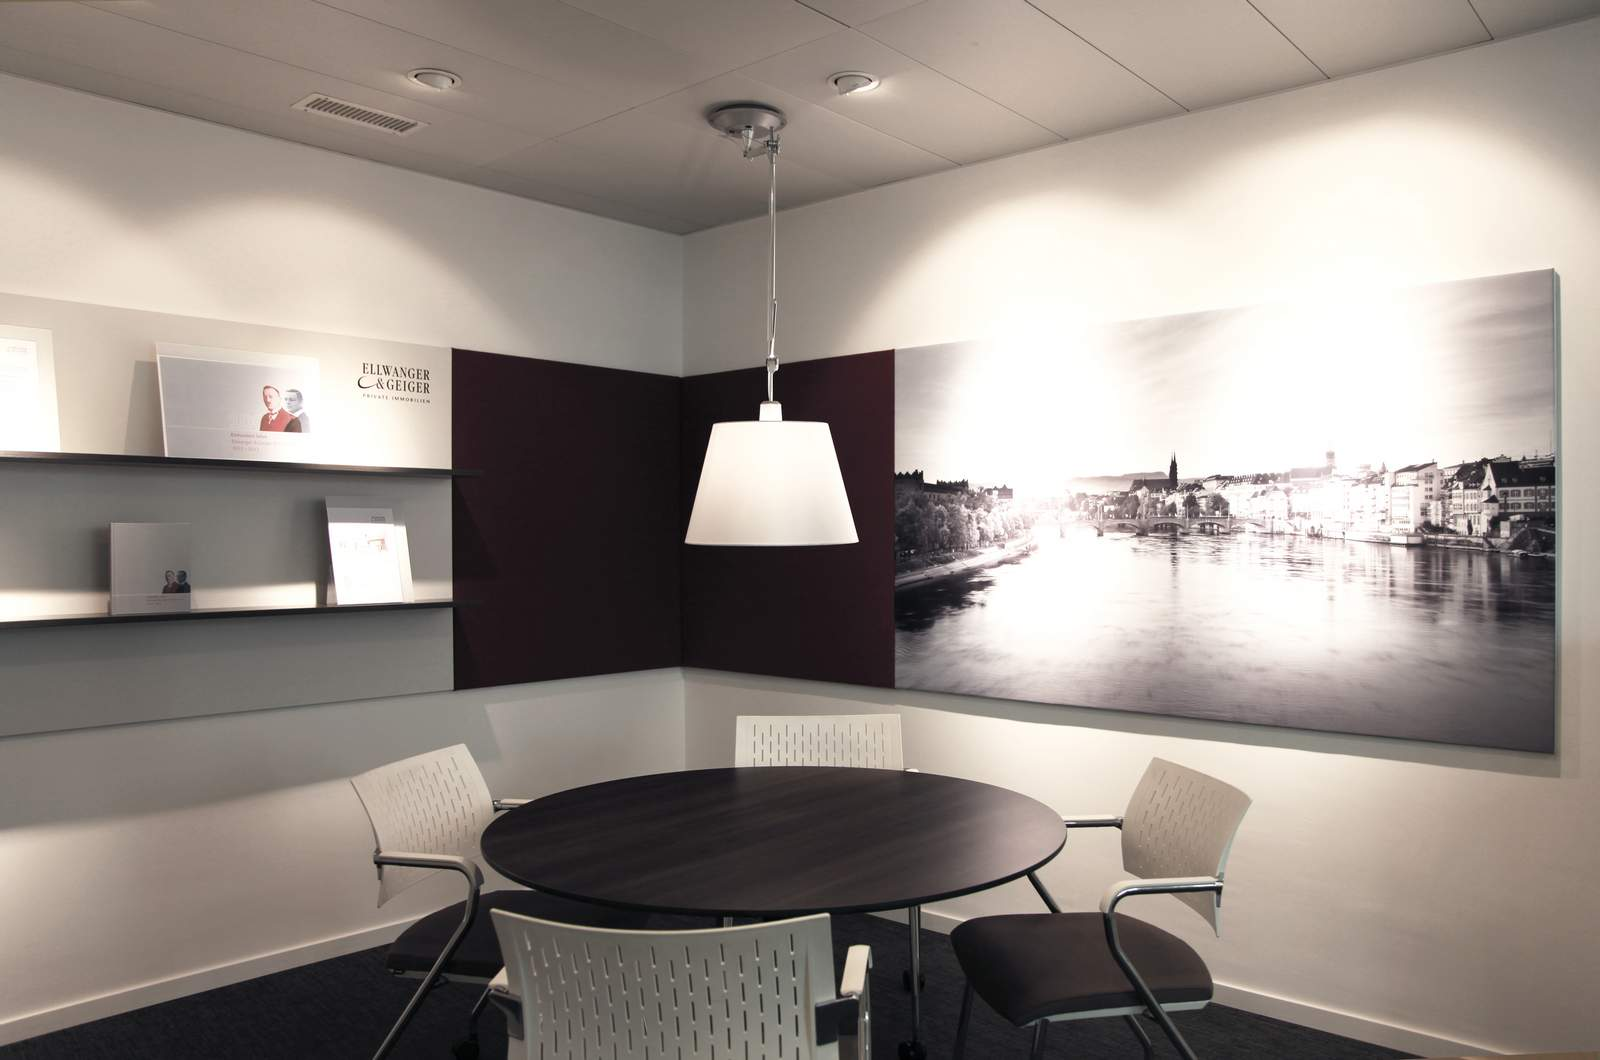 Innenarchitektur b roplanung gestaltung arbeitsraum in der schweiz - Innenarchitektur bildergalerie ...